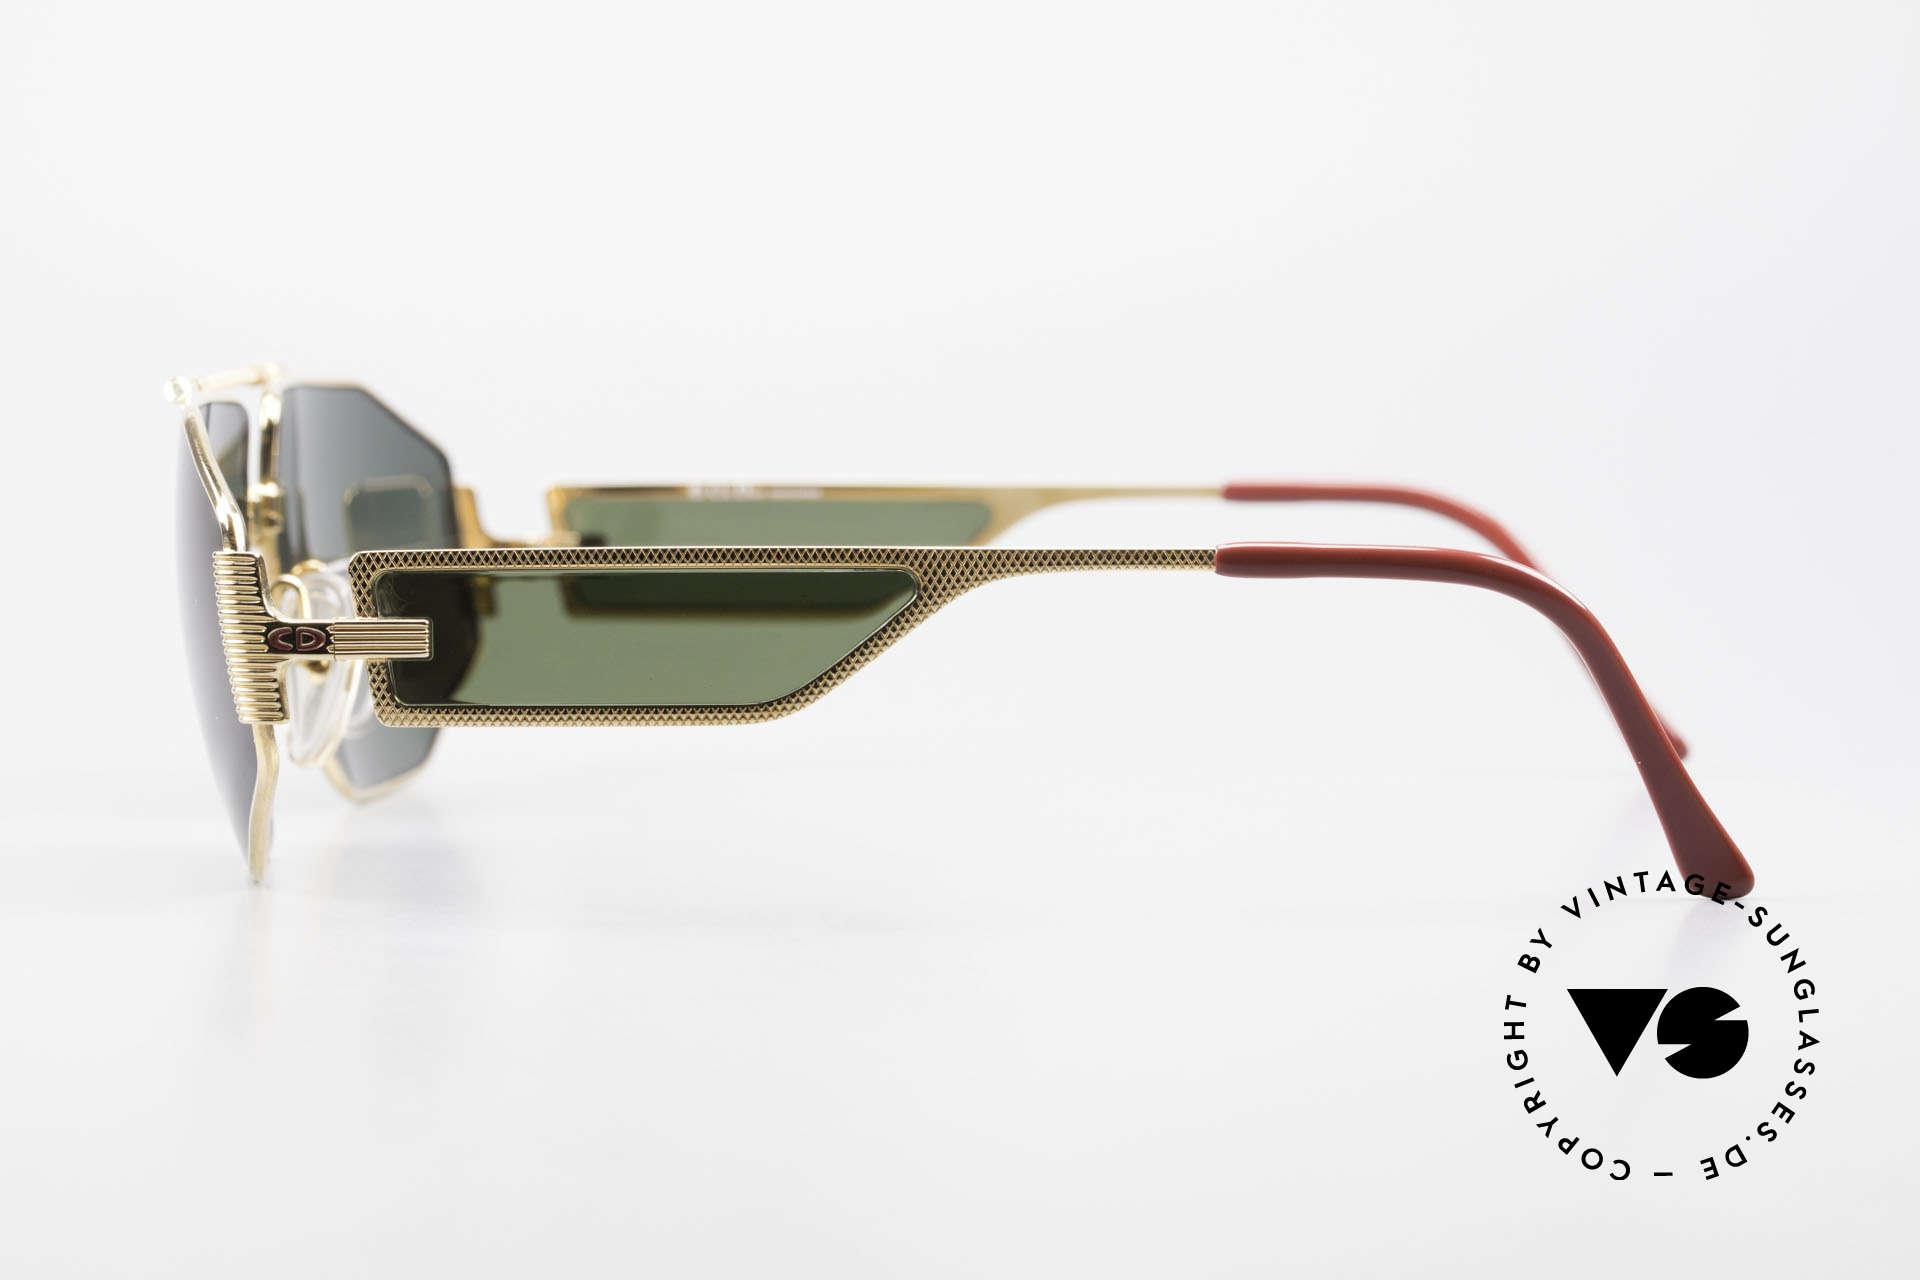 Christian Dior 2427 Monsieur Sonnenbrille 80er, original Achtziger Sonnenbrille (keine Retromode), Passend für Herren